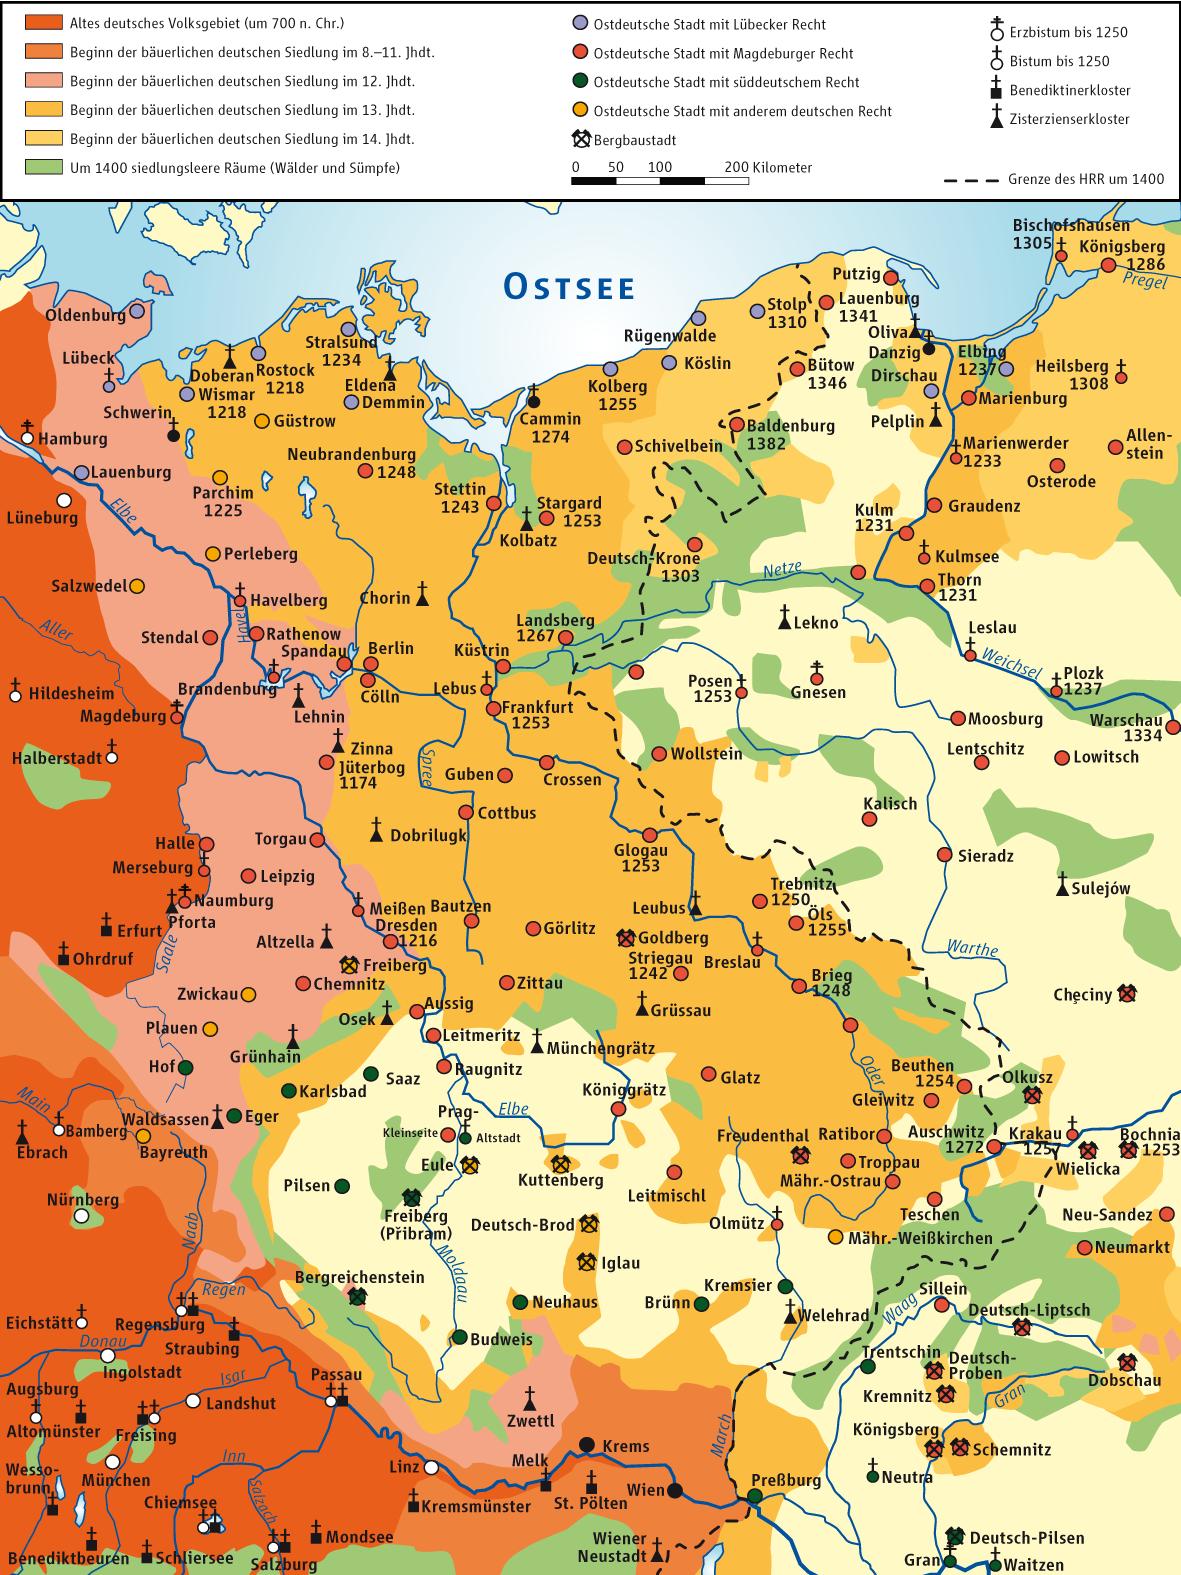 Prag Karte Europa.Böhmen Im Mittelalter Schmelztiegel Der Kulturen Radio Prag